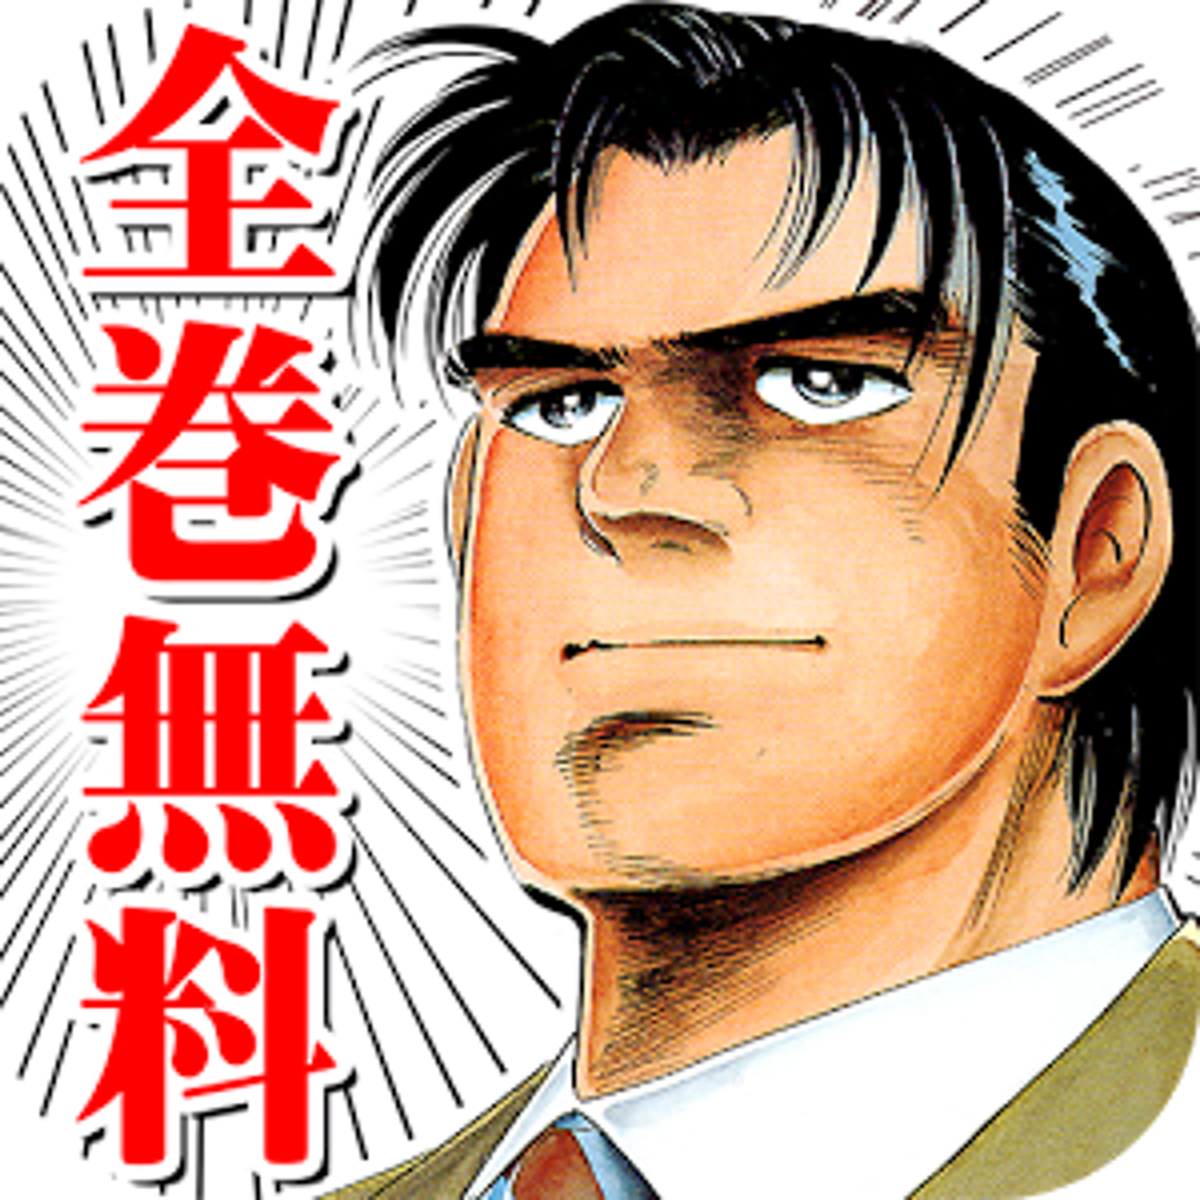 全巻無料!サラリーマン金太郎(全30巻)~無料マンガ